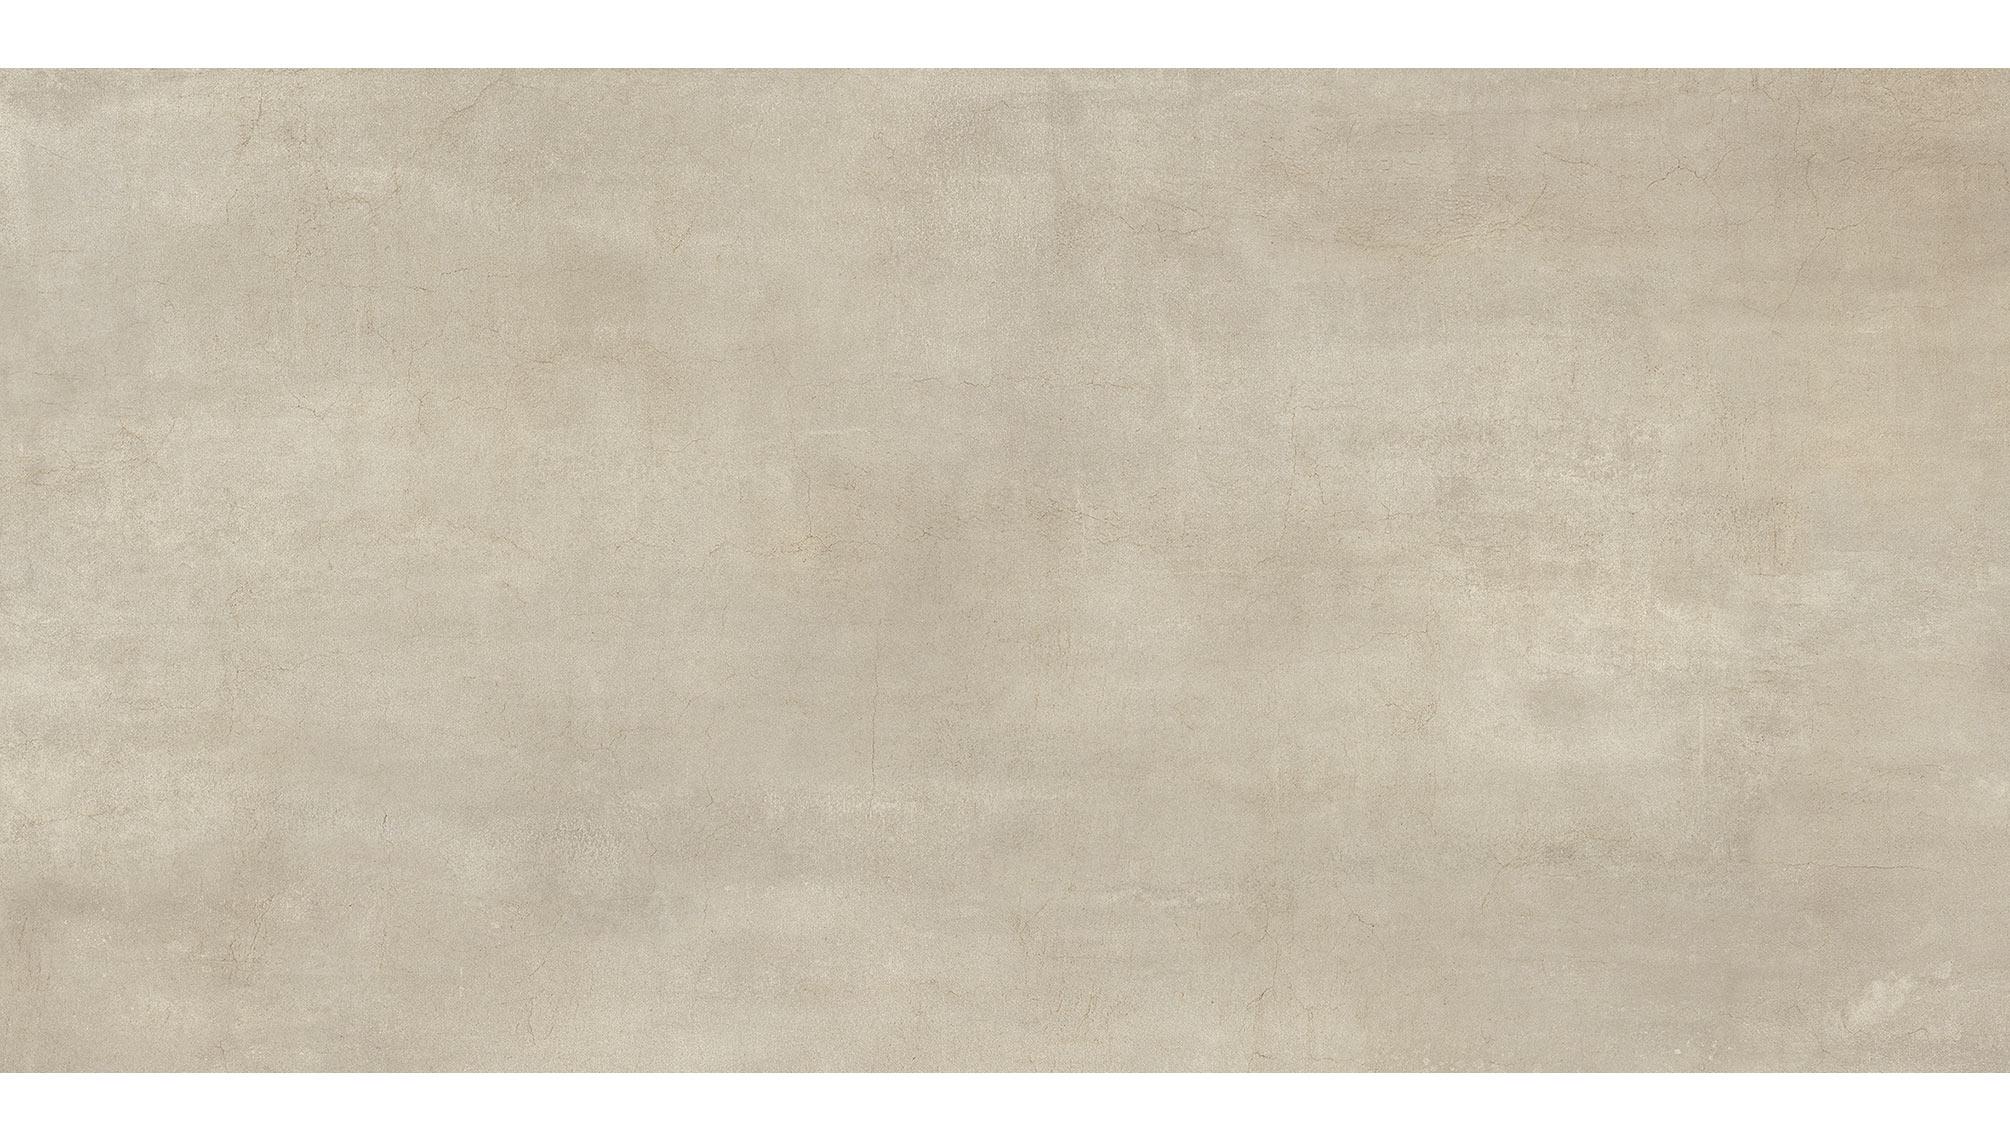 Moderne Bodenfliesen online kaufen | fliesen24.com